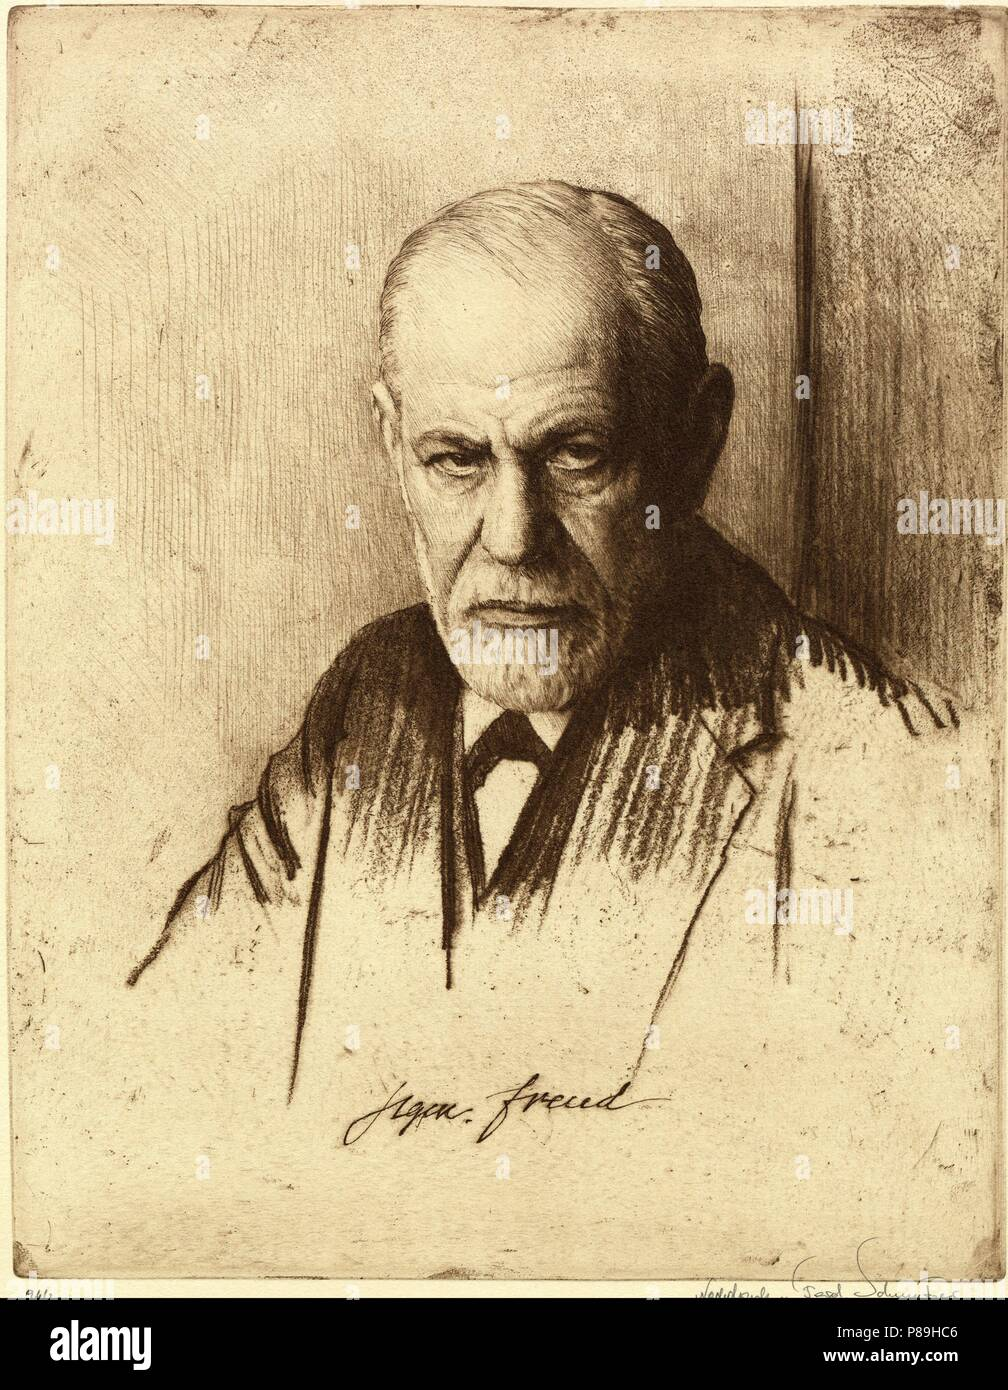 Portrait of Sigmund Freud (1856-1939). Museum: Sigmund Freud Museum, Vienna. - Stock Image